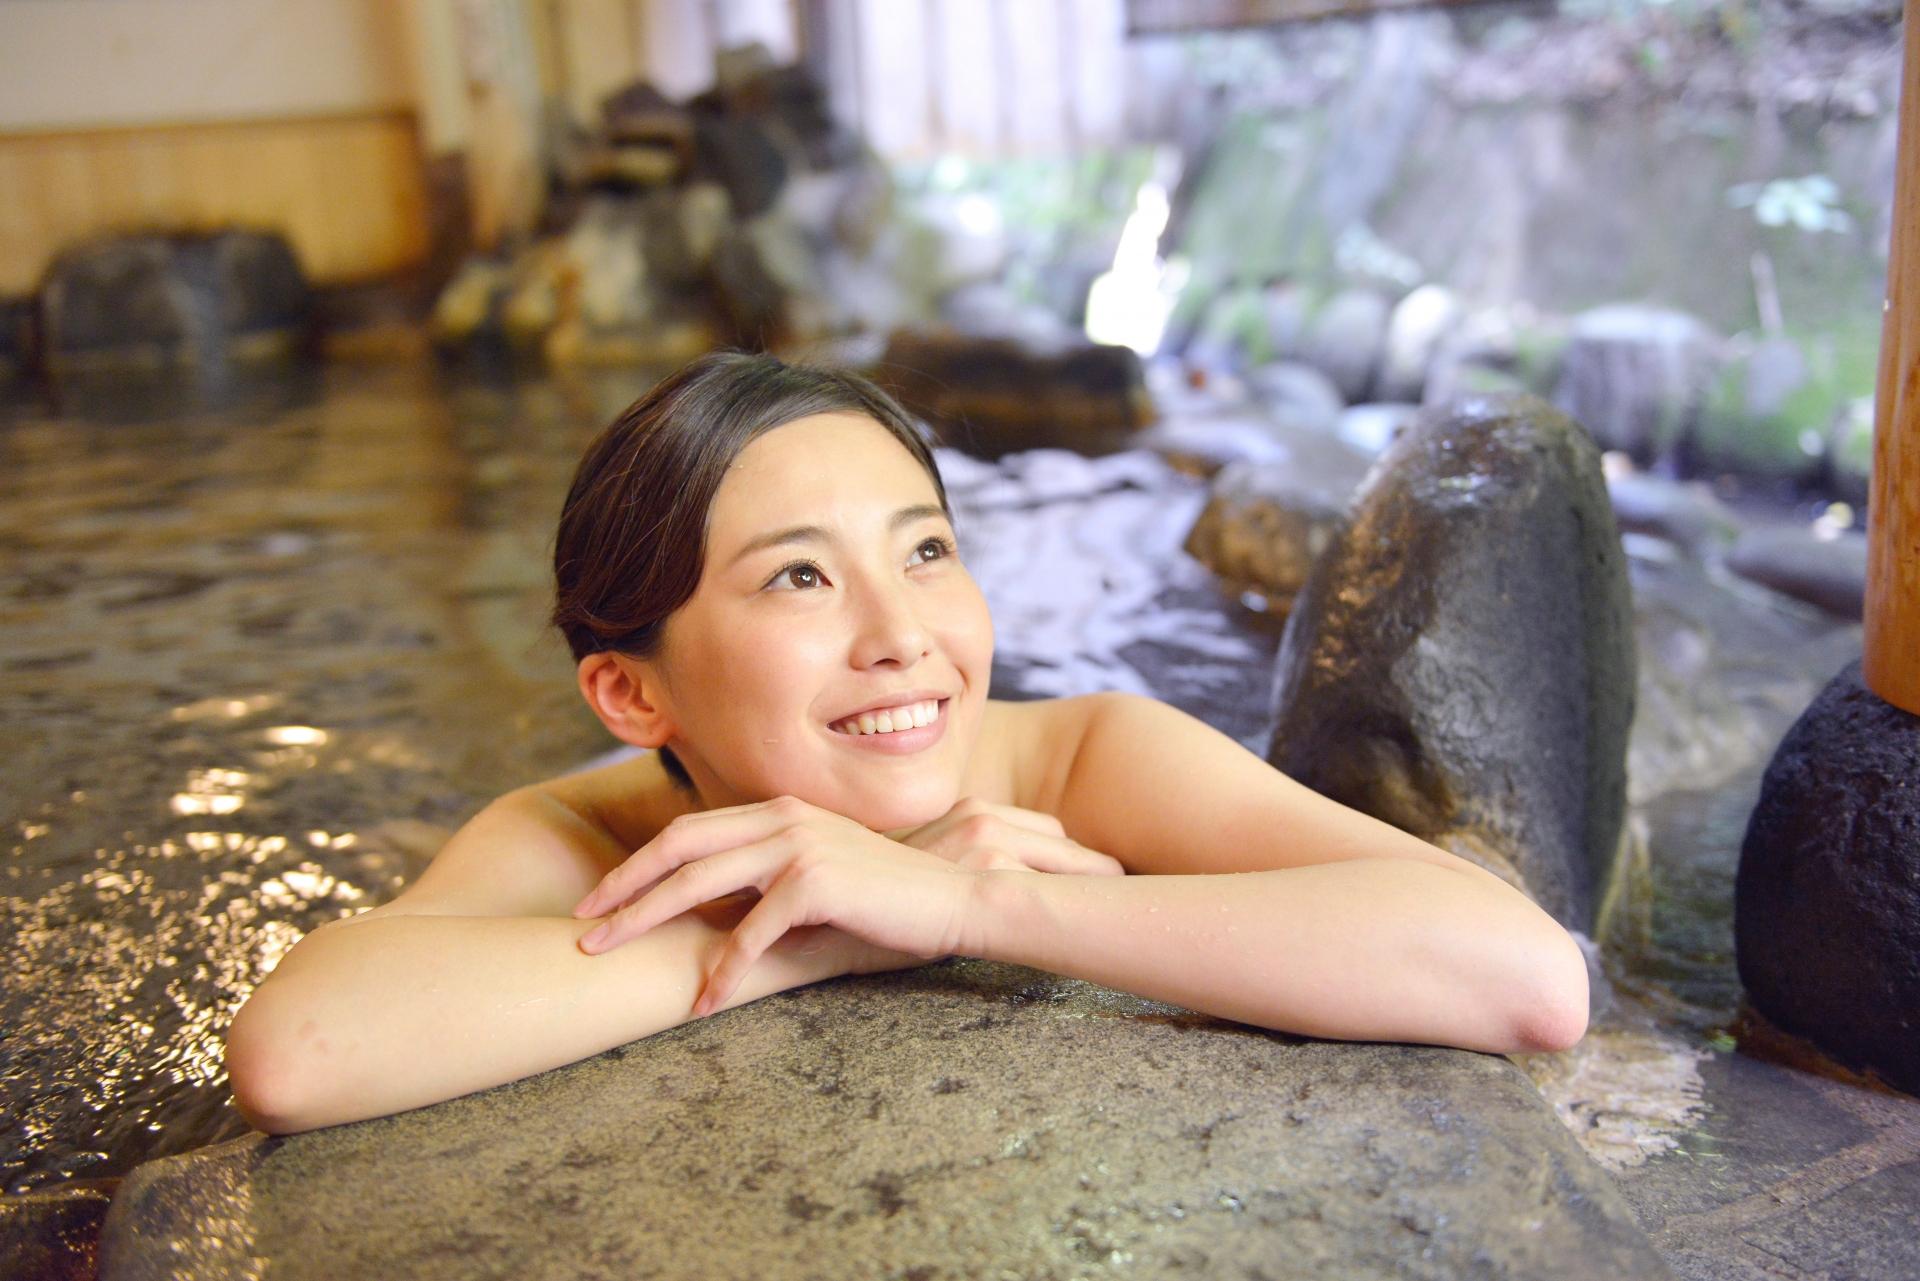 乳がんの手術痕を隠せる入浴着